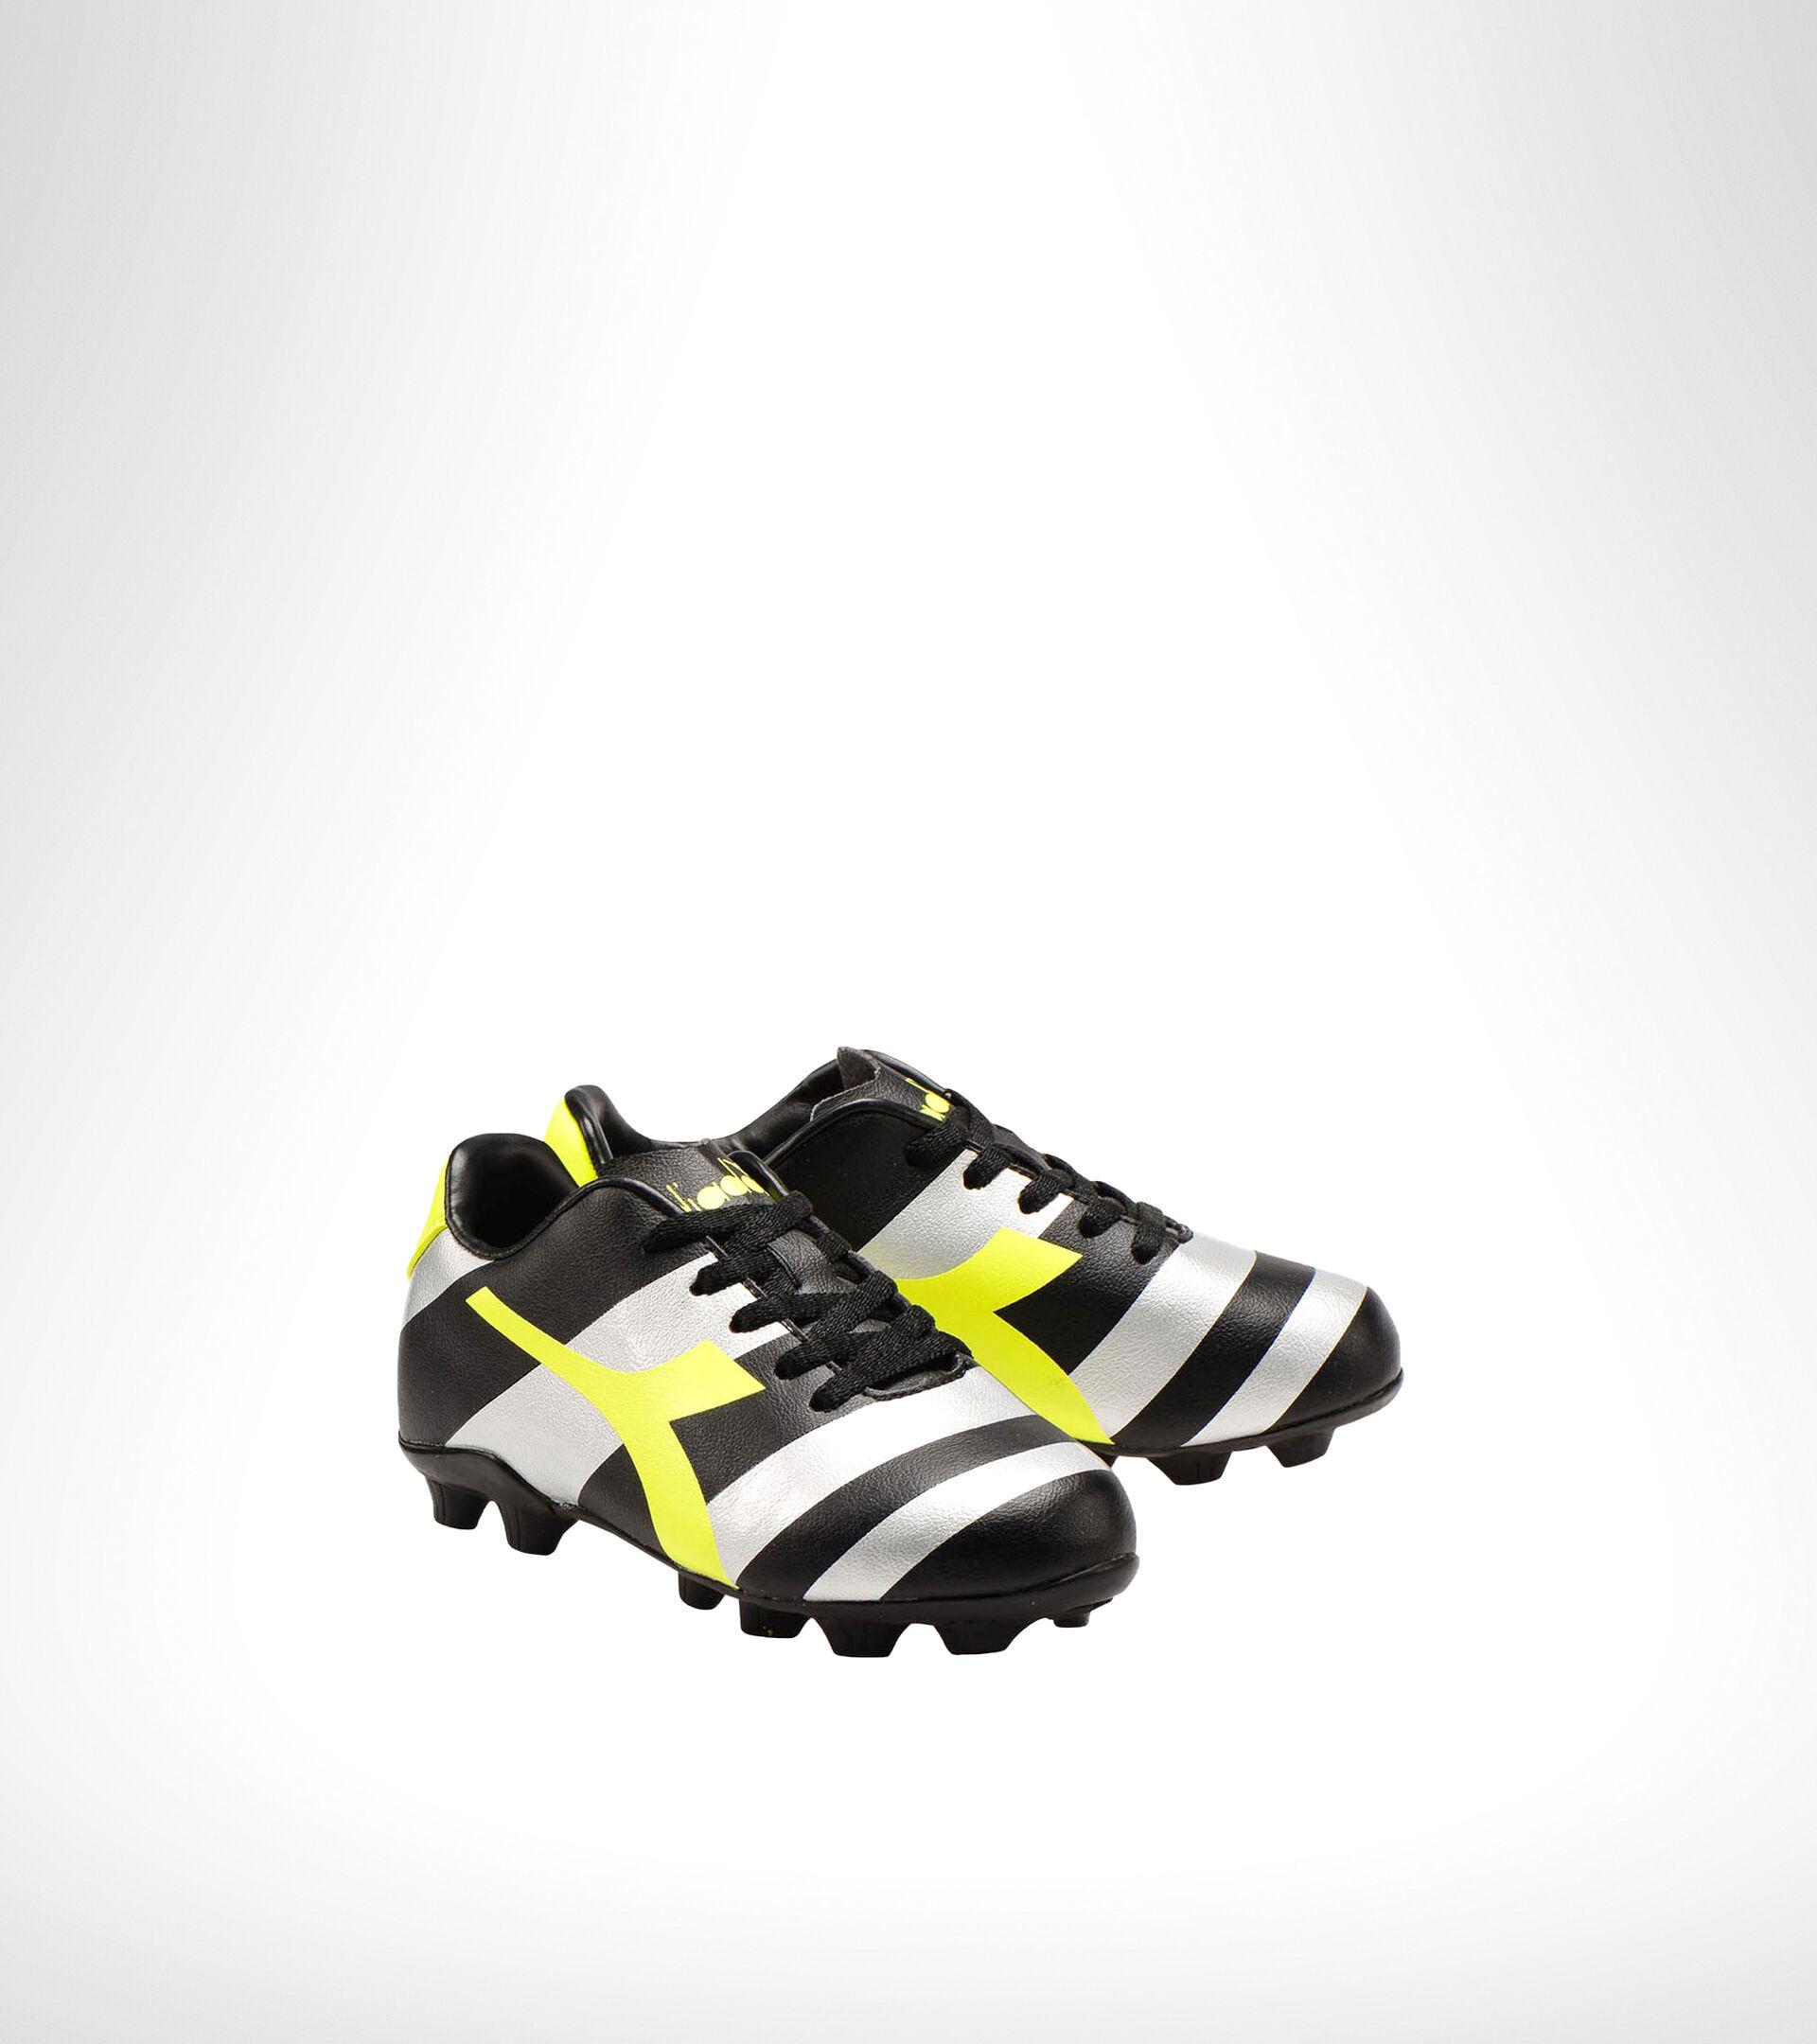 Fußballschuh für harte Böden - Unisex Kind RAPTOR R MD JR NERO/ARGENTO/GIALLO FL DD - Diadora